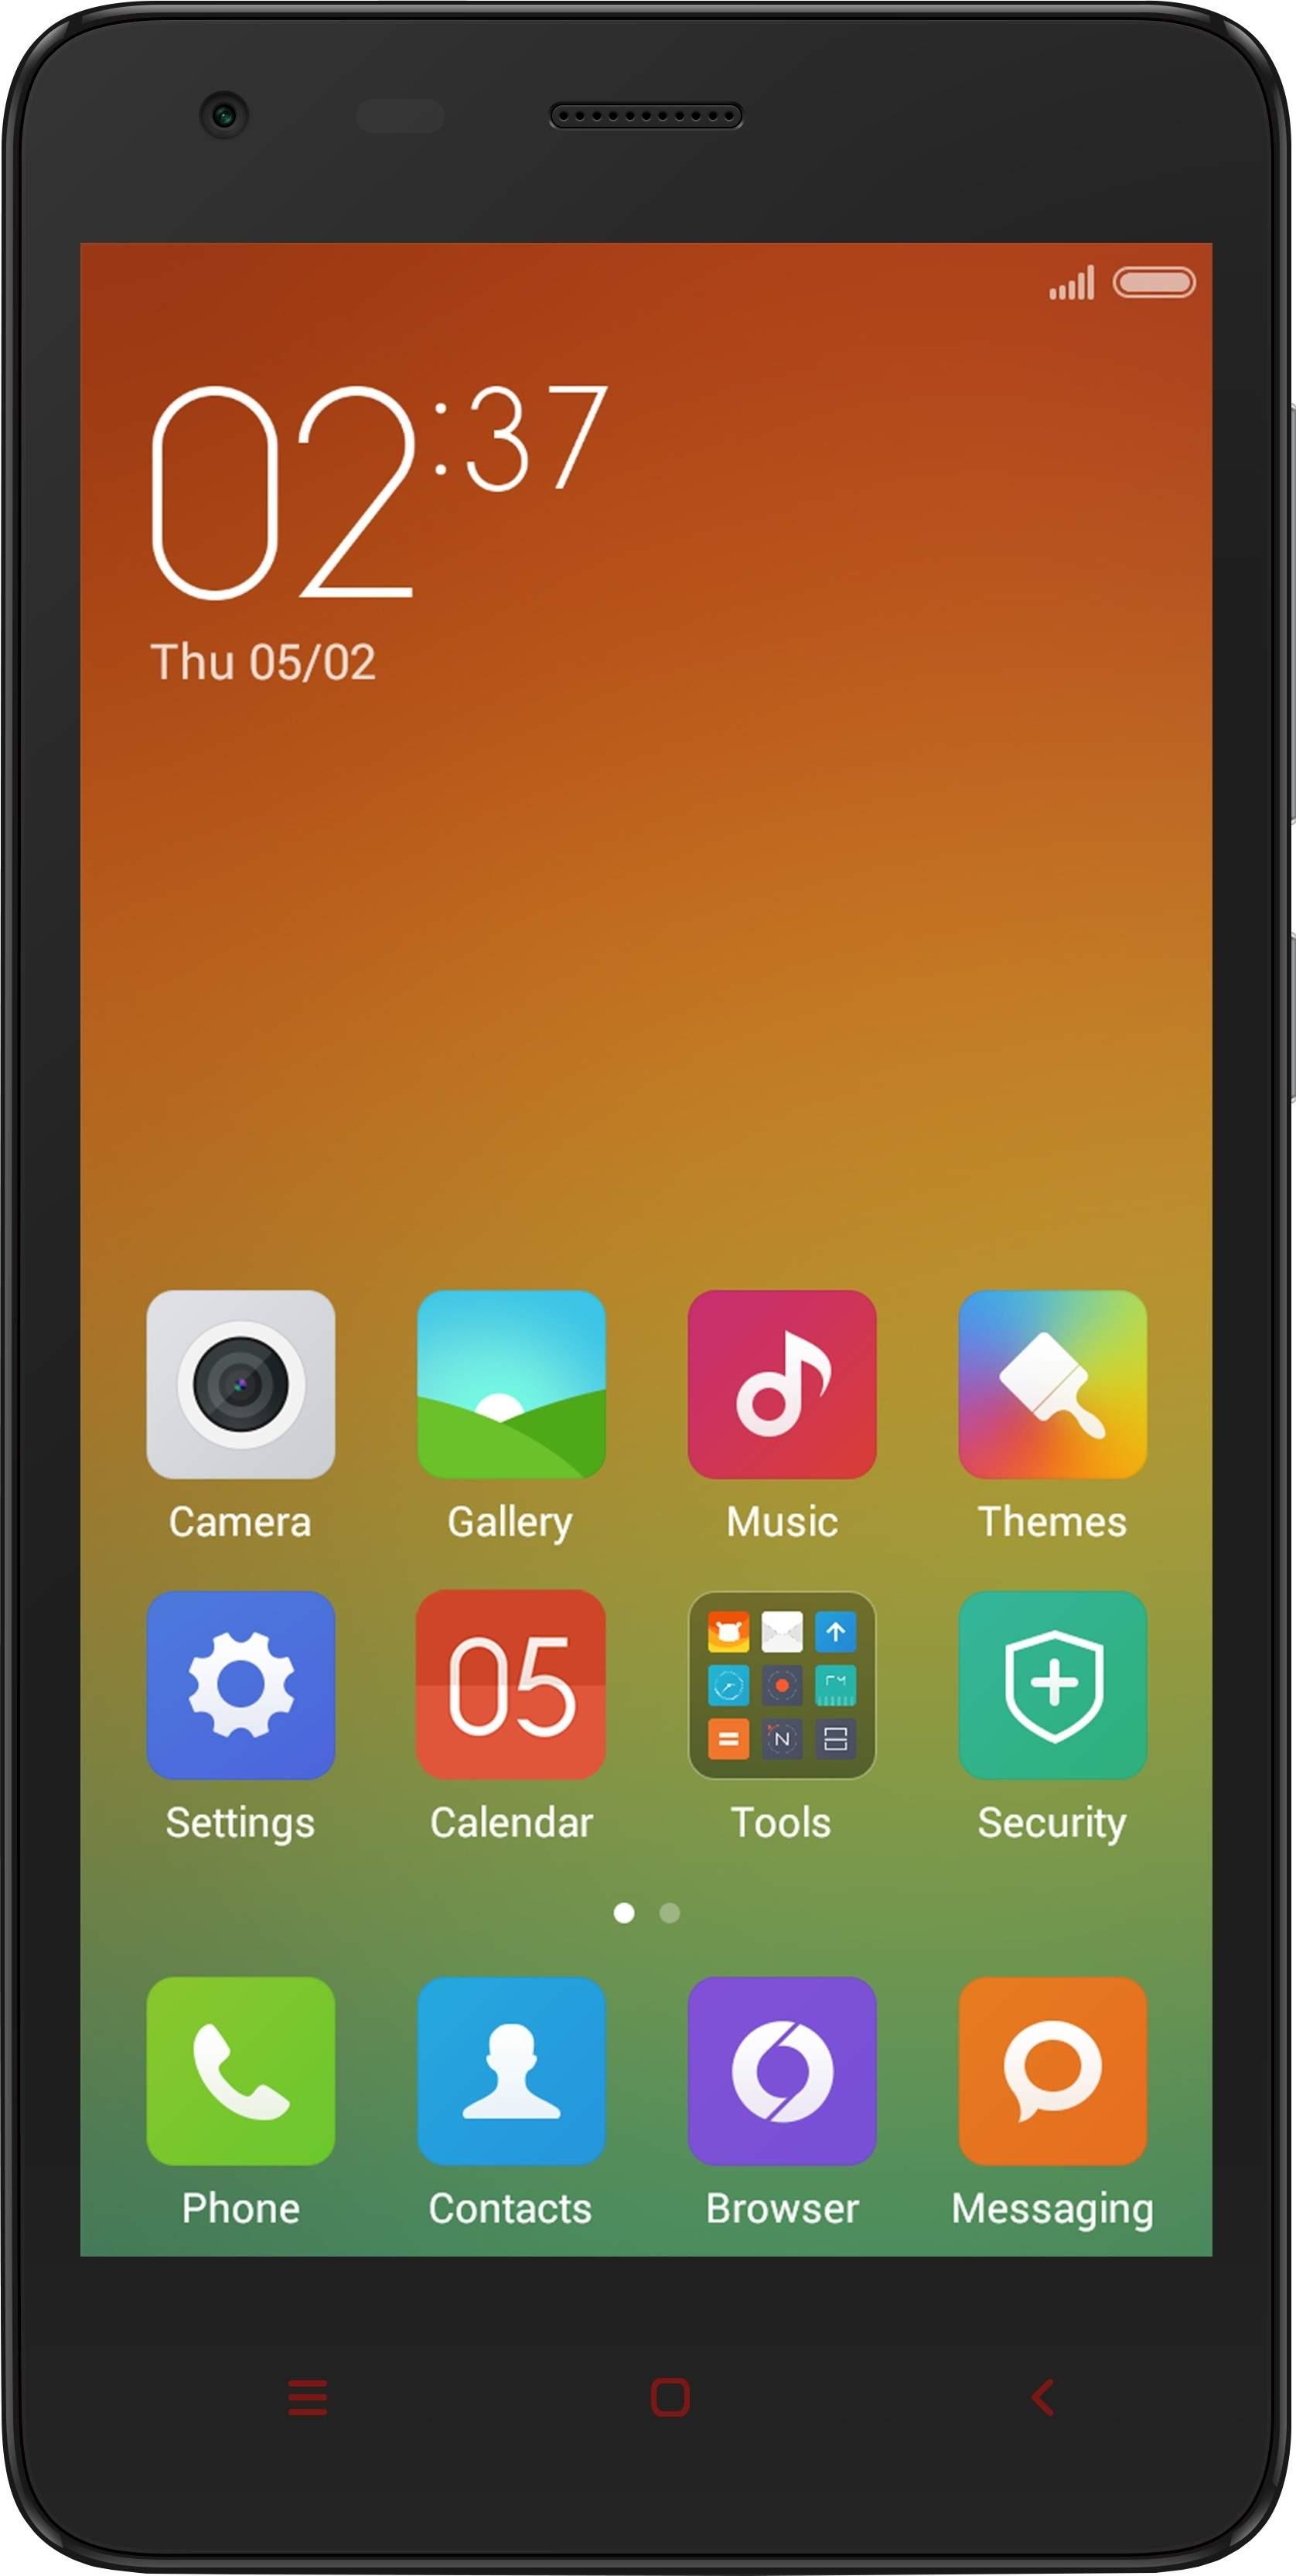 Handphone Canggih dan Murah Xiaomi dengan Peforma Terbaik